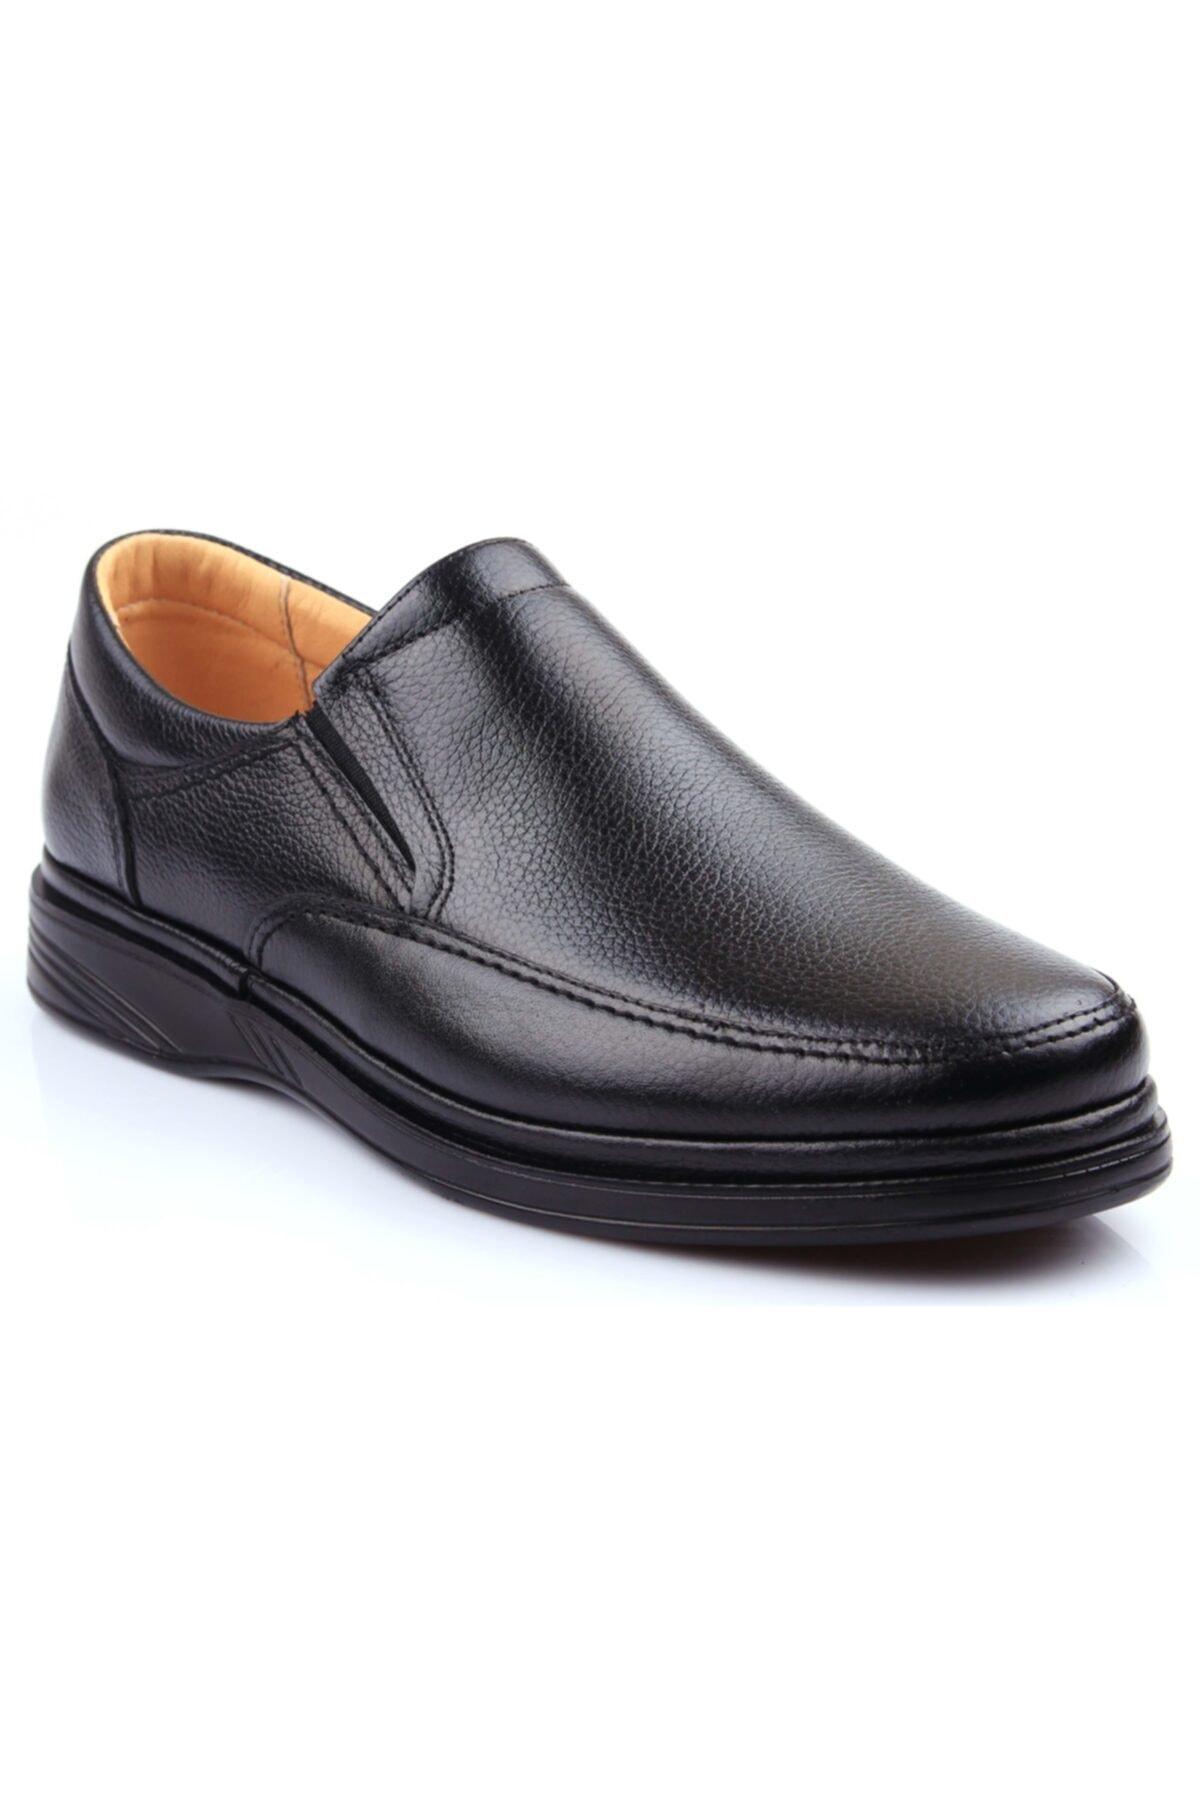 DETECTOR Iç Dış Hakiki Deri Ultra Ortopedik Büyük Numara Günlük Erkek Ayakkabı 700-10 1